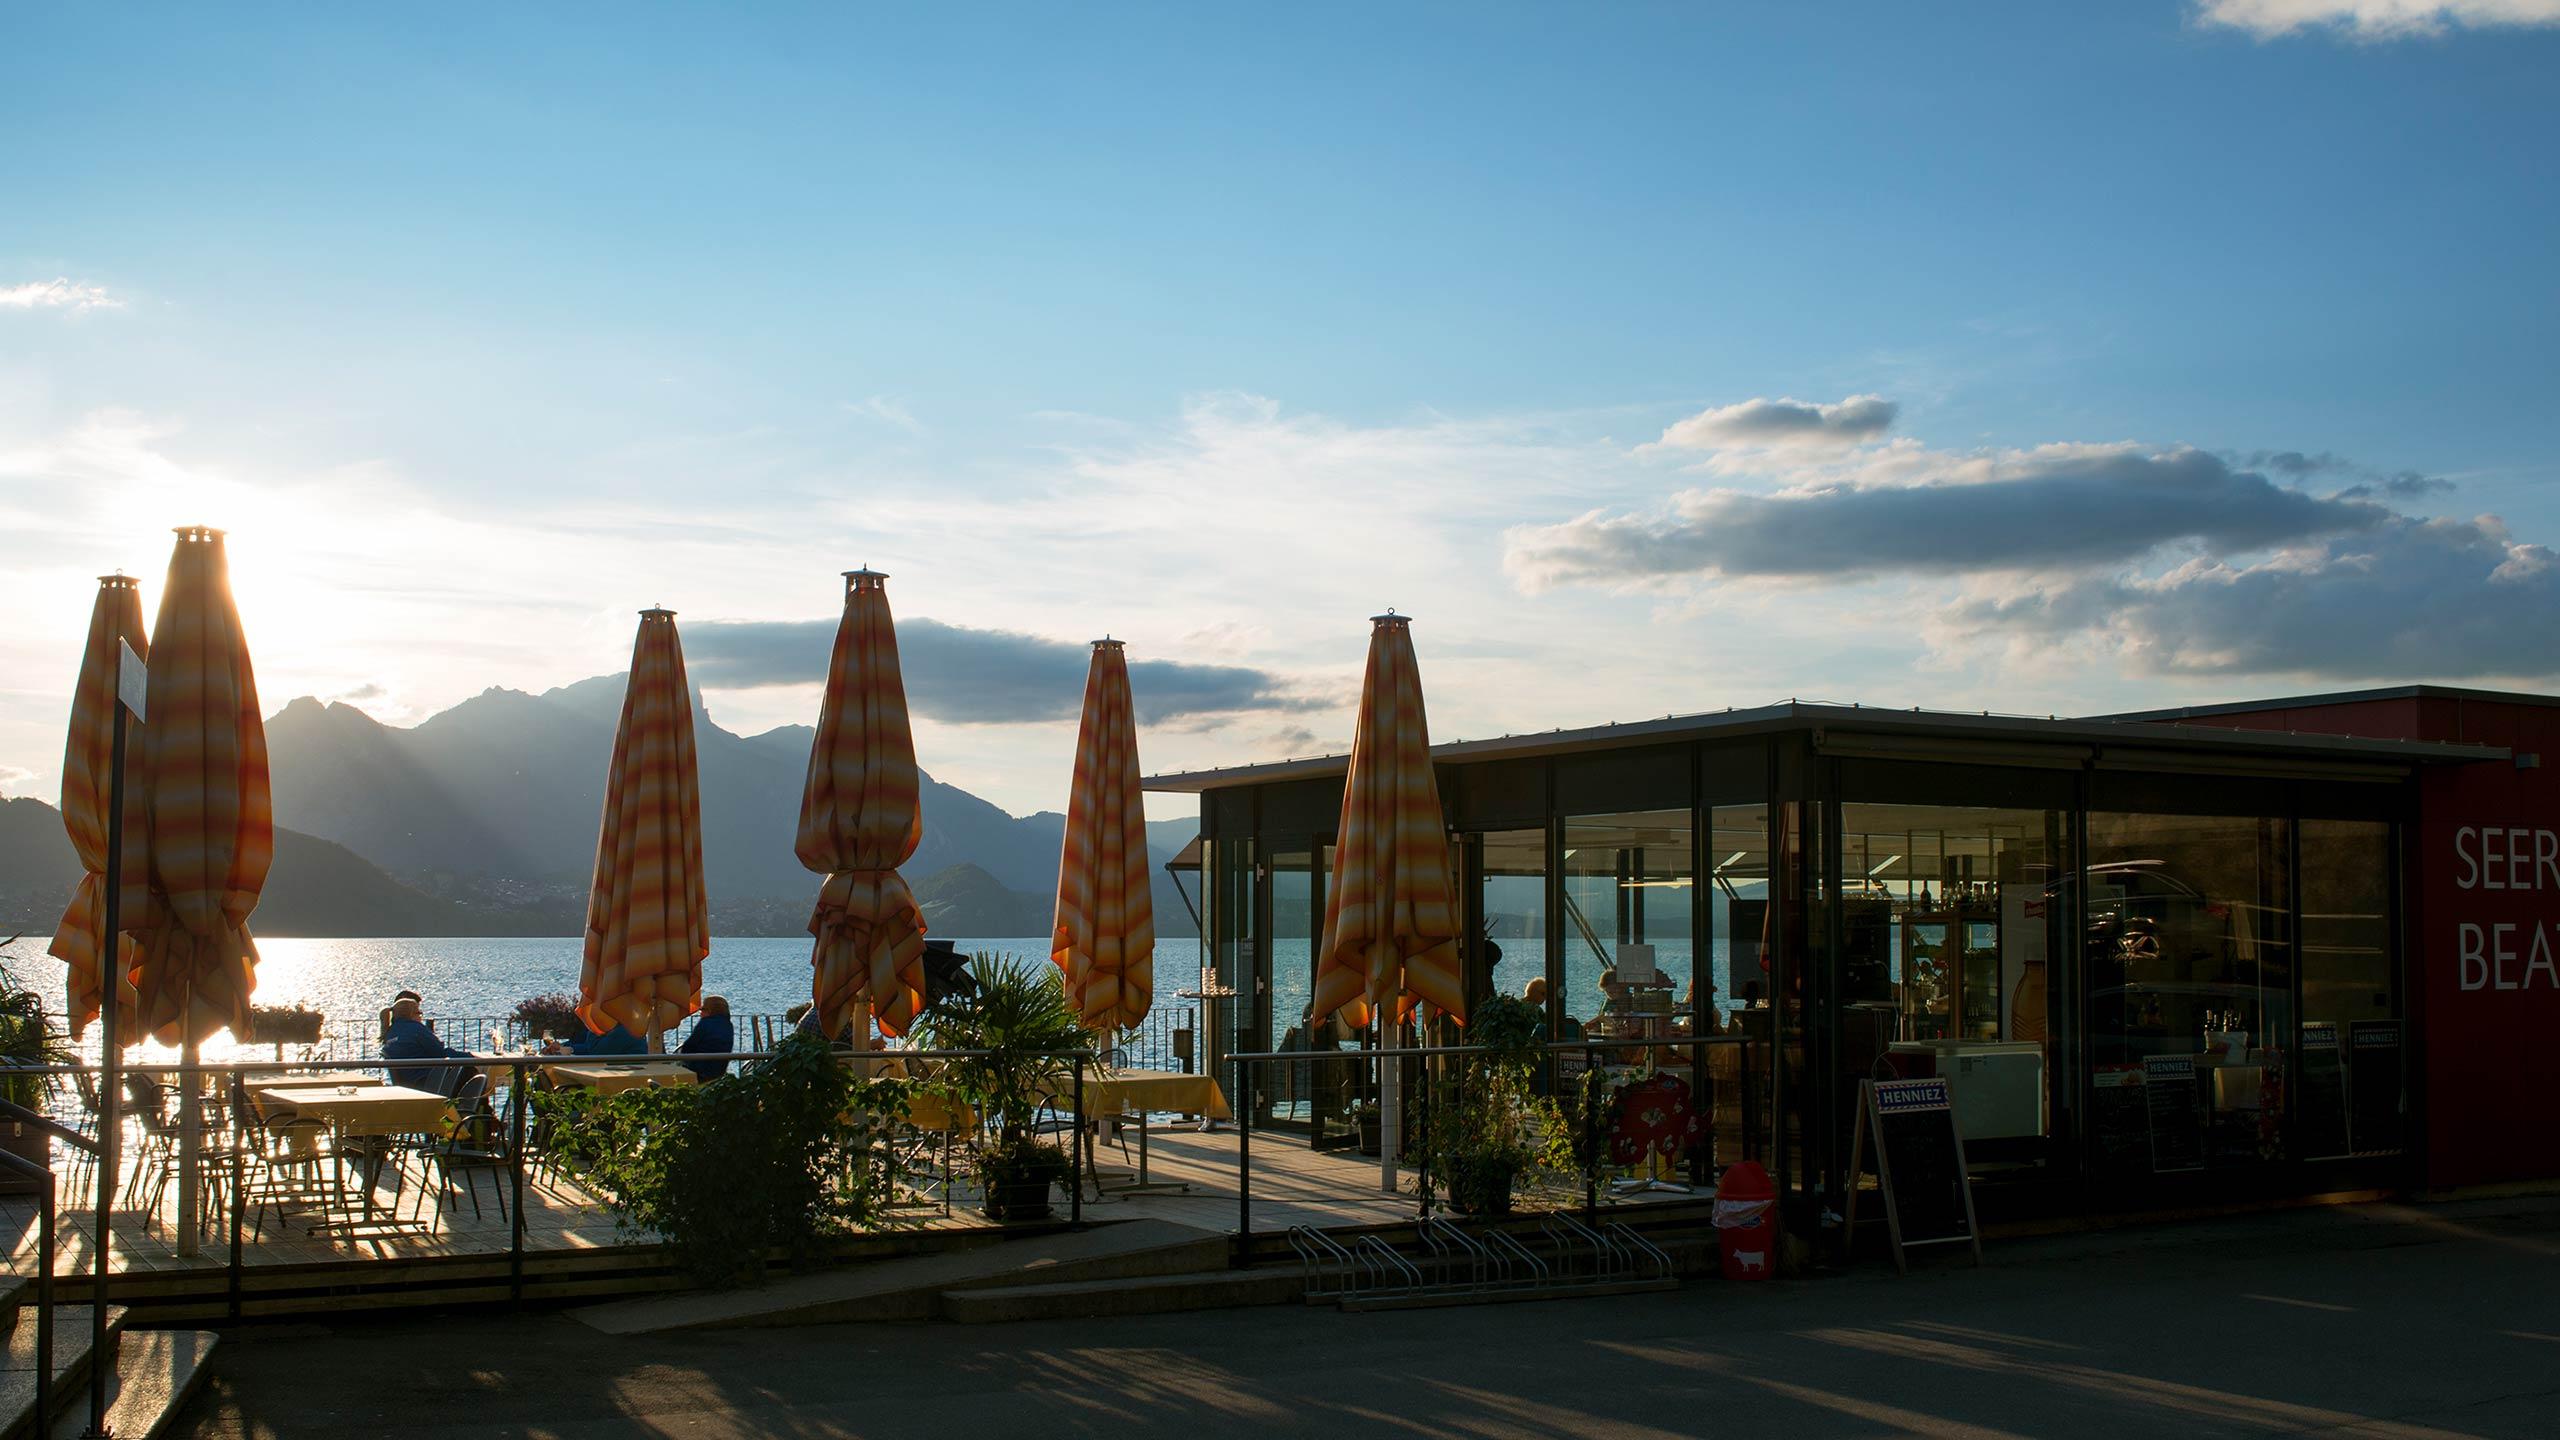 seerestaurant-beatenbucht-merligen-terrasse-aussicht-thunersee.jpg